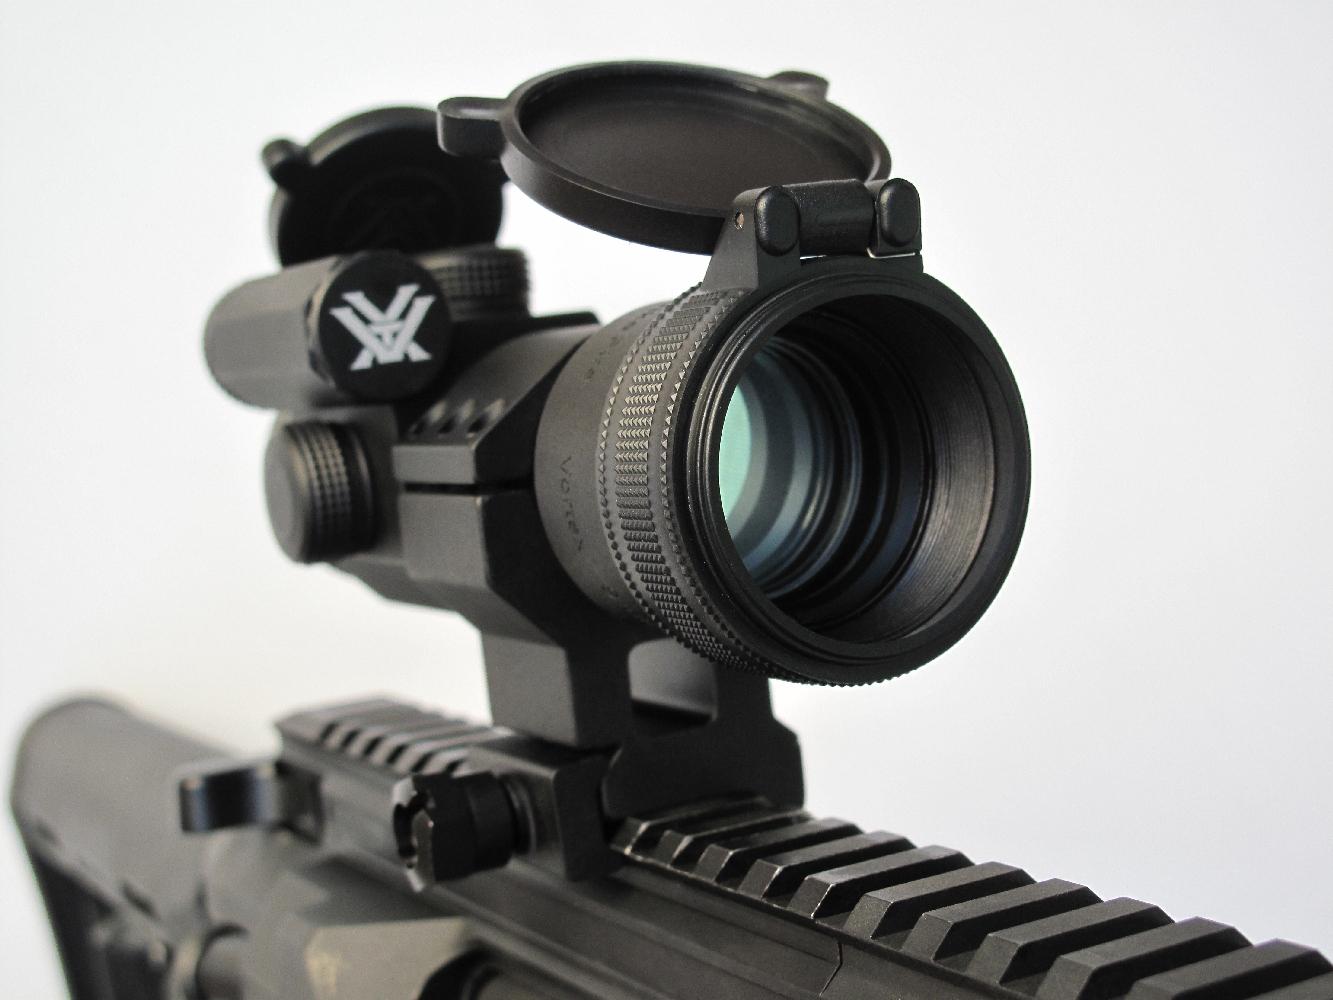 Nos tirs dynamiques, à 20 et 45 m, ont été réalisés en équipant l'arme d'un viseur Vortex « Strike Fire », un modèle sans grossissement qui permet une acquisition rapide de la cible grâce à son point lumineux dont la couleur (rouge ou vert) et l'intensité sont réglables.